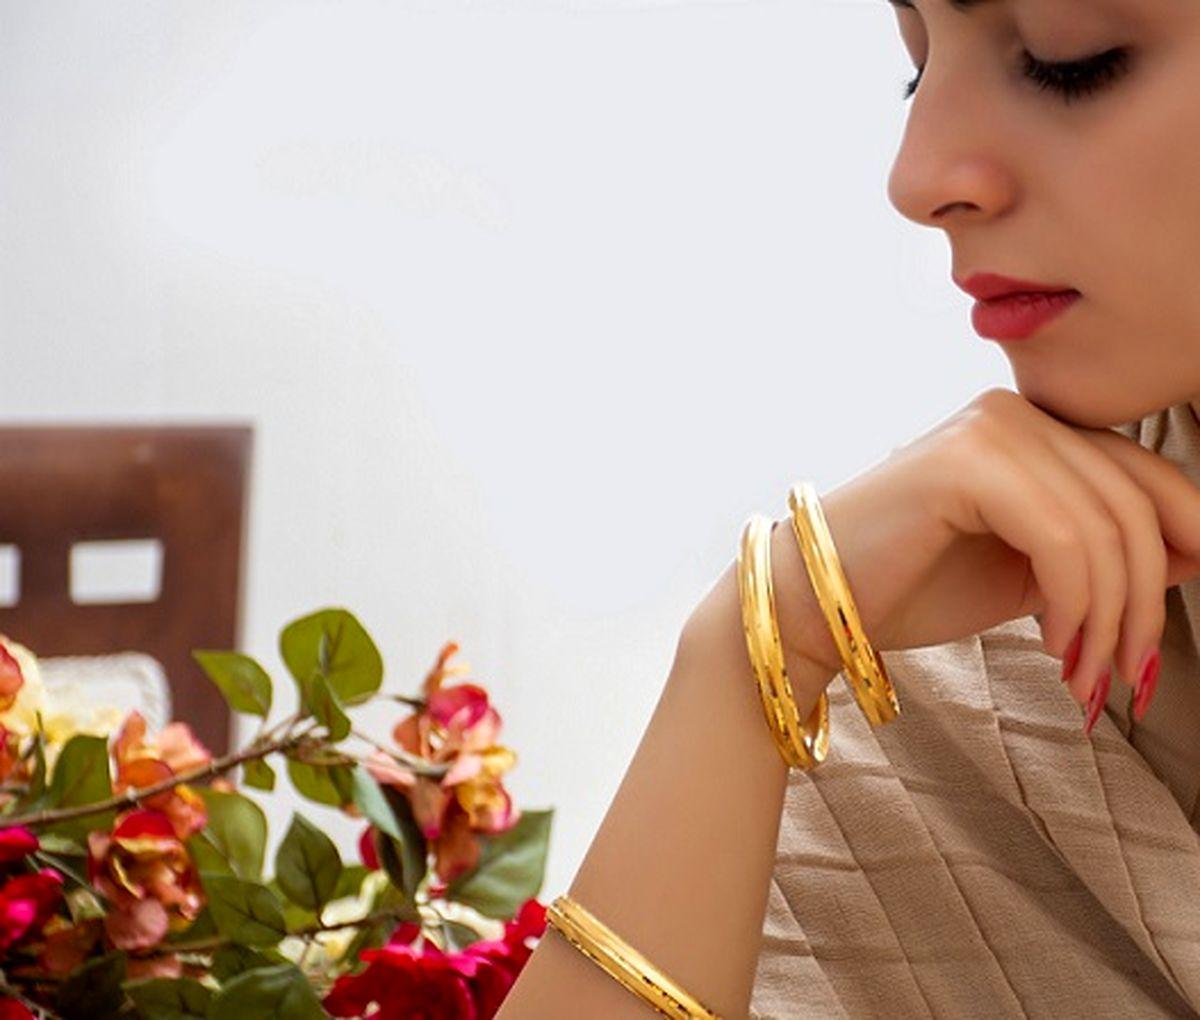 6 راهکار جهت پیشگیری از آسیب دیدن النگو طلا